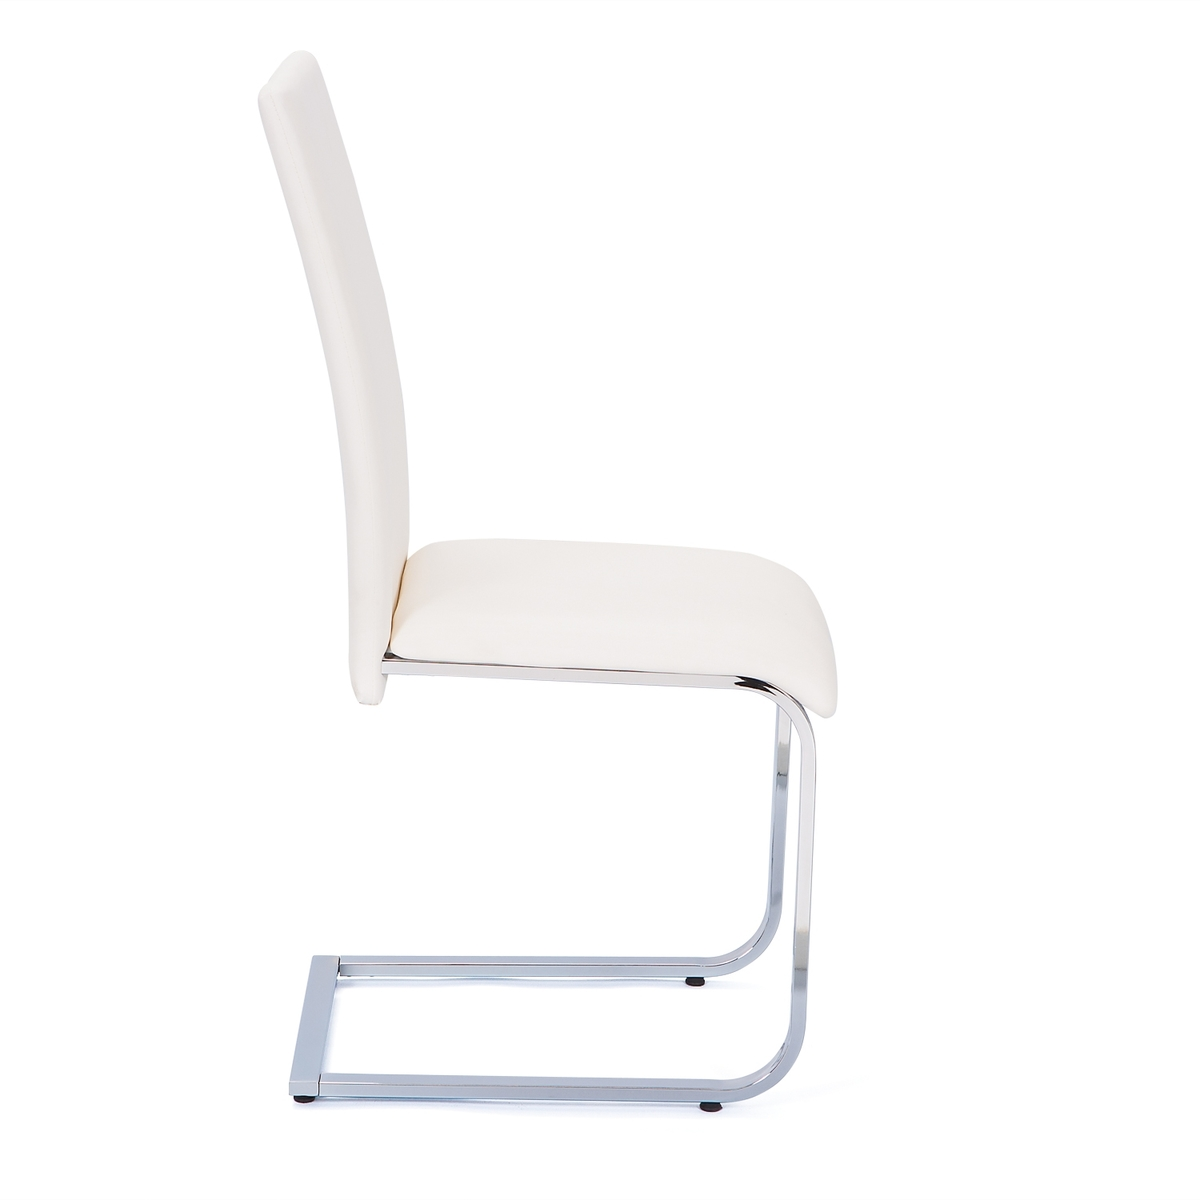 Bild 1 von Trendstabil Esszimmer-Stuhl Montana